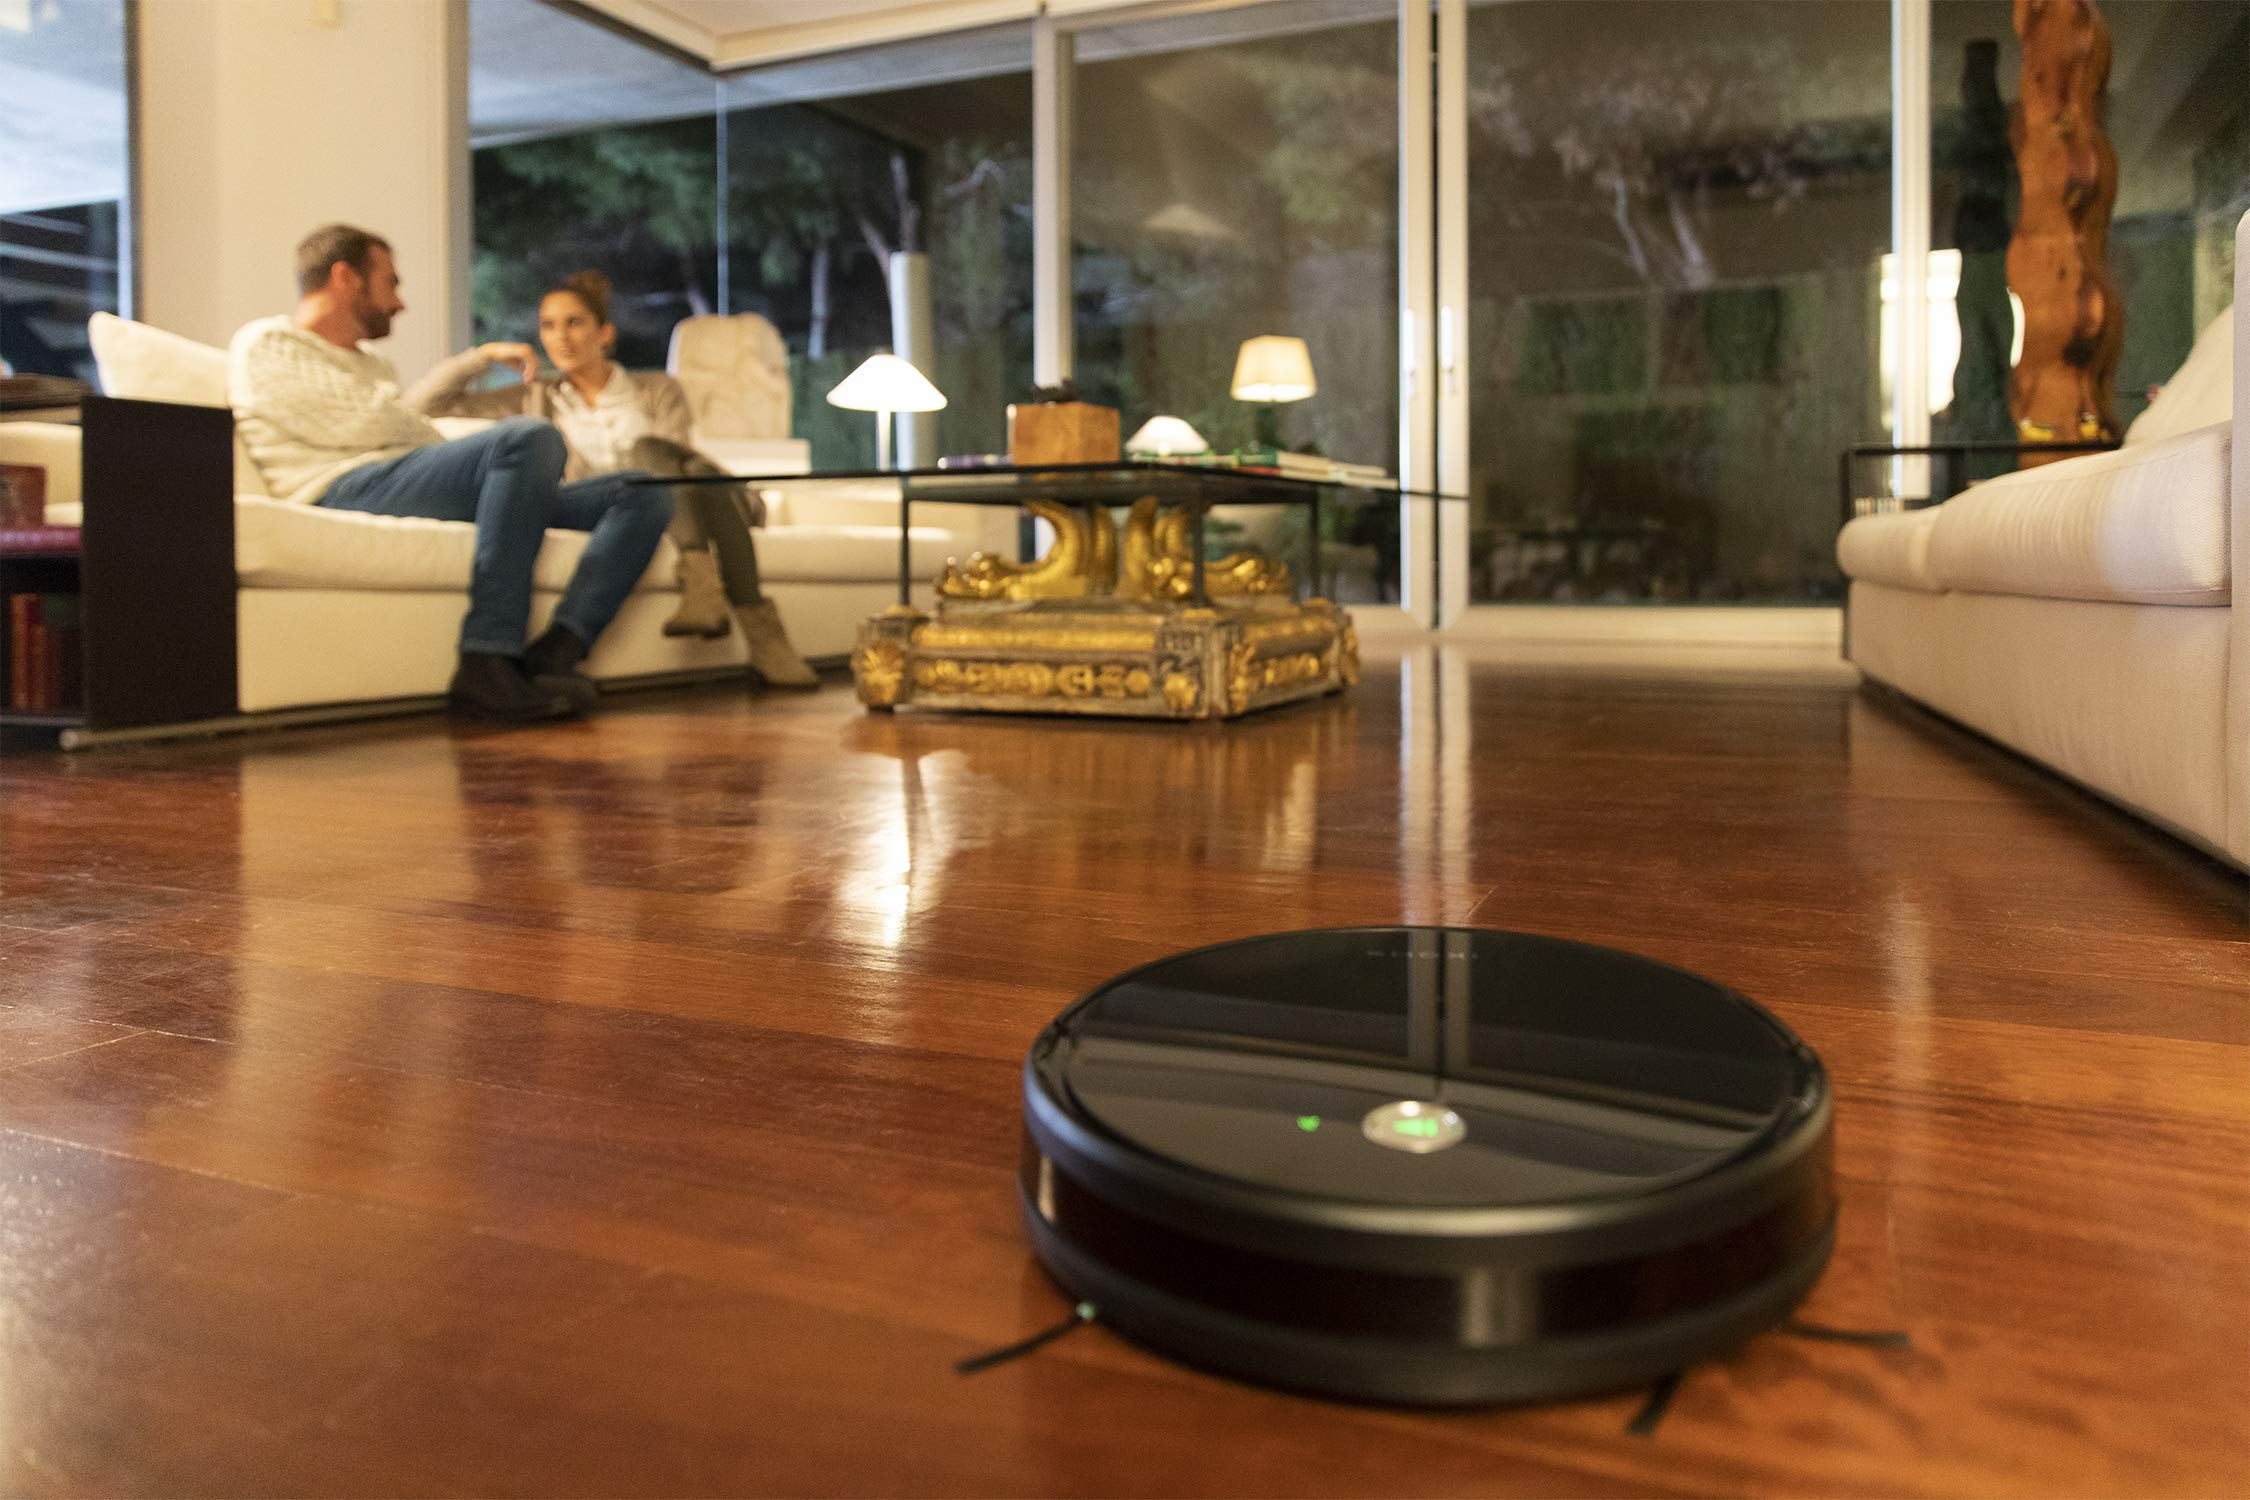 IKOHS netbot S15 – Robot aspirapolvere Professionale 4 in 1, Scopa, Aspira, Passa Il Panno E Lava, Adatto a Pavimenti e Tappeti, Ottimo per i Peli degli Animali Domestici